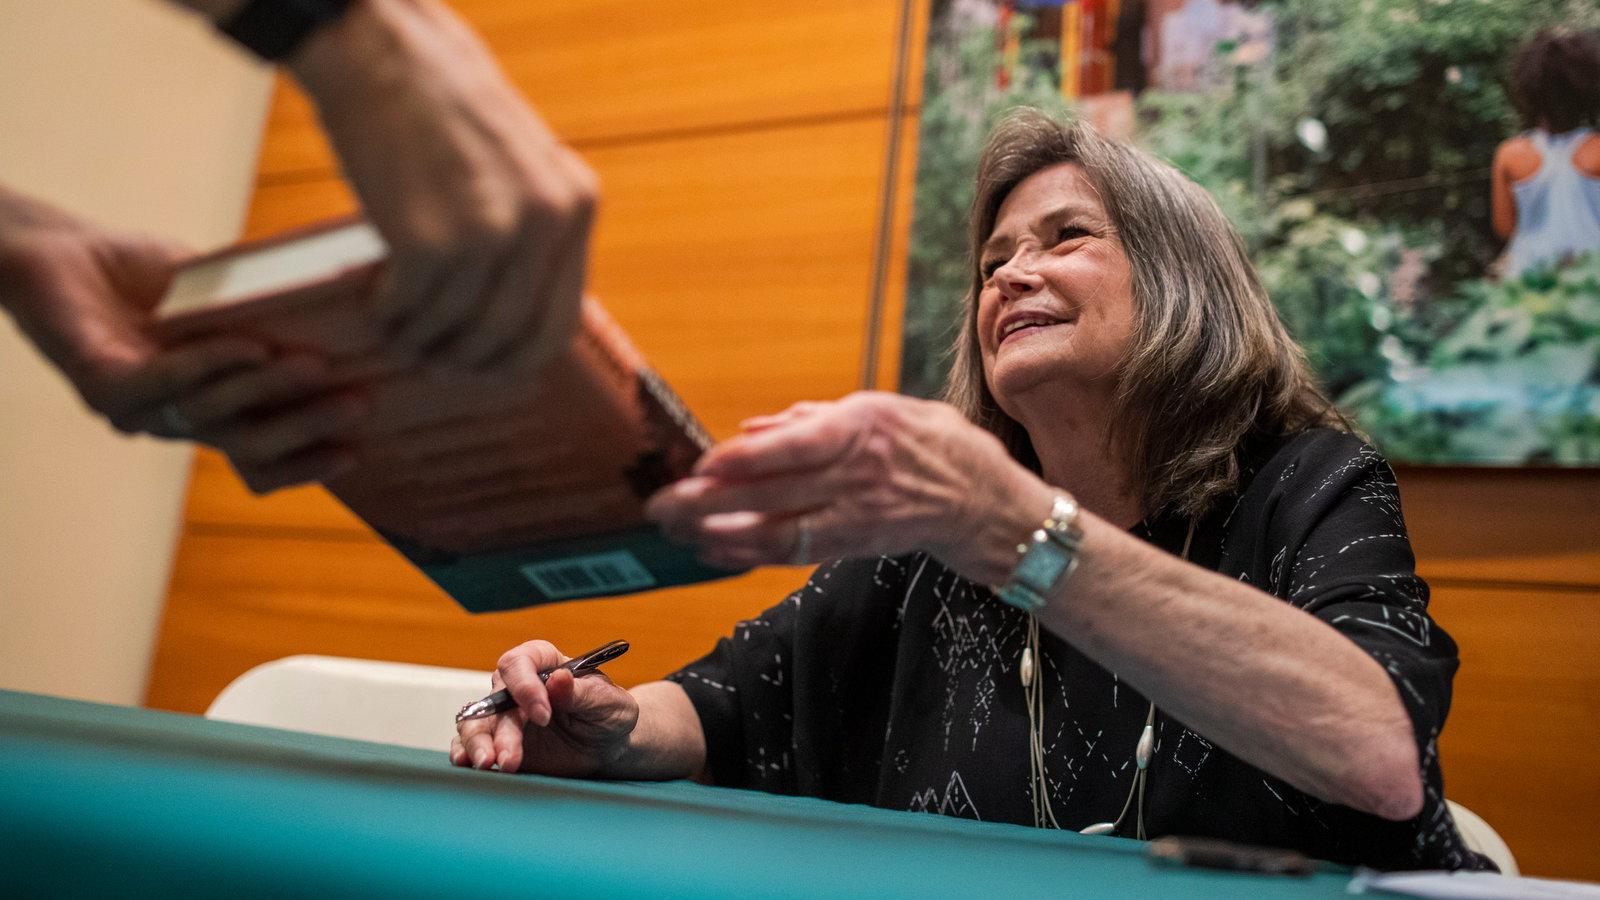 La scrittrice Delia Owens